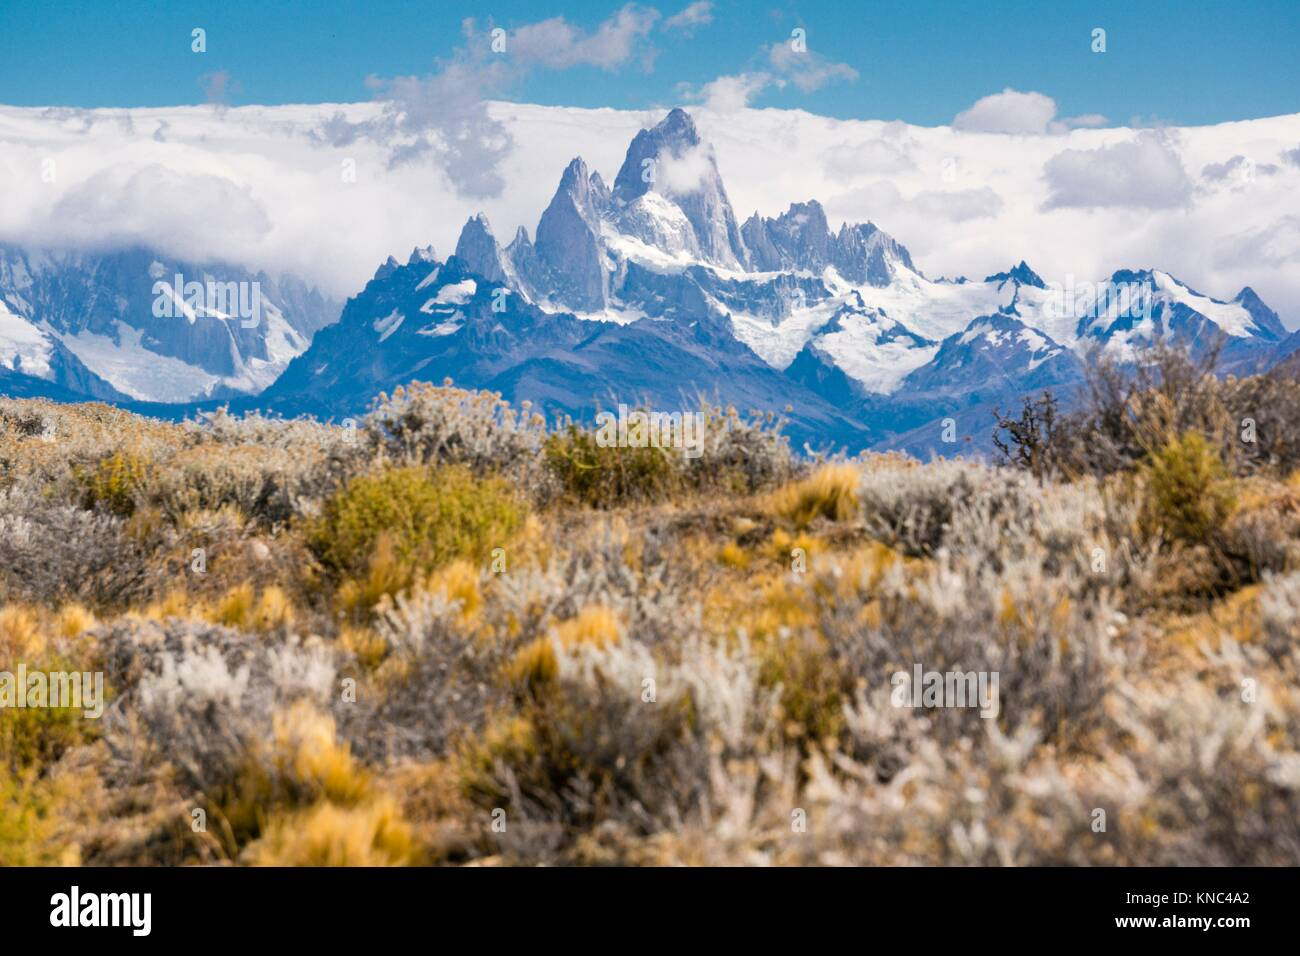 Monte Fitz Roy - cerro Chaltén -, de 3405 metros, el parque nacional Los Glaciares, Patagonia, Argentina. Imagen De Stock